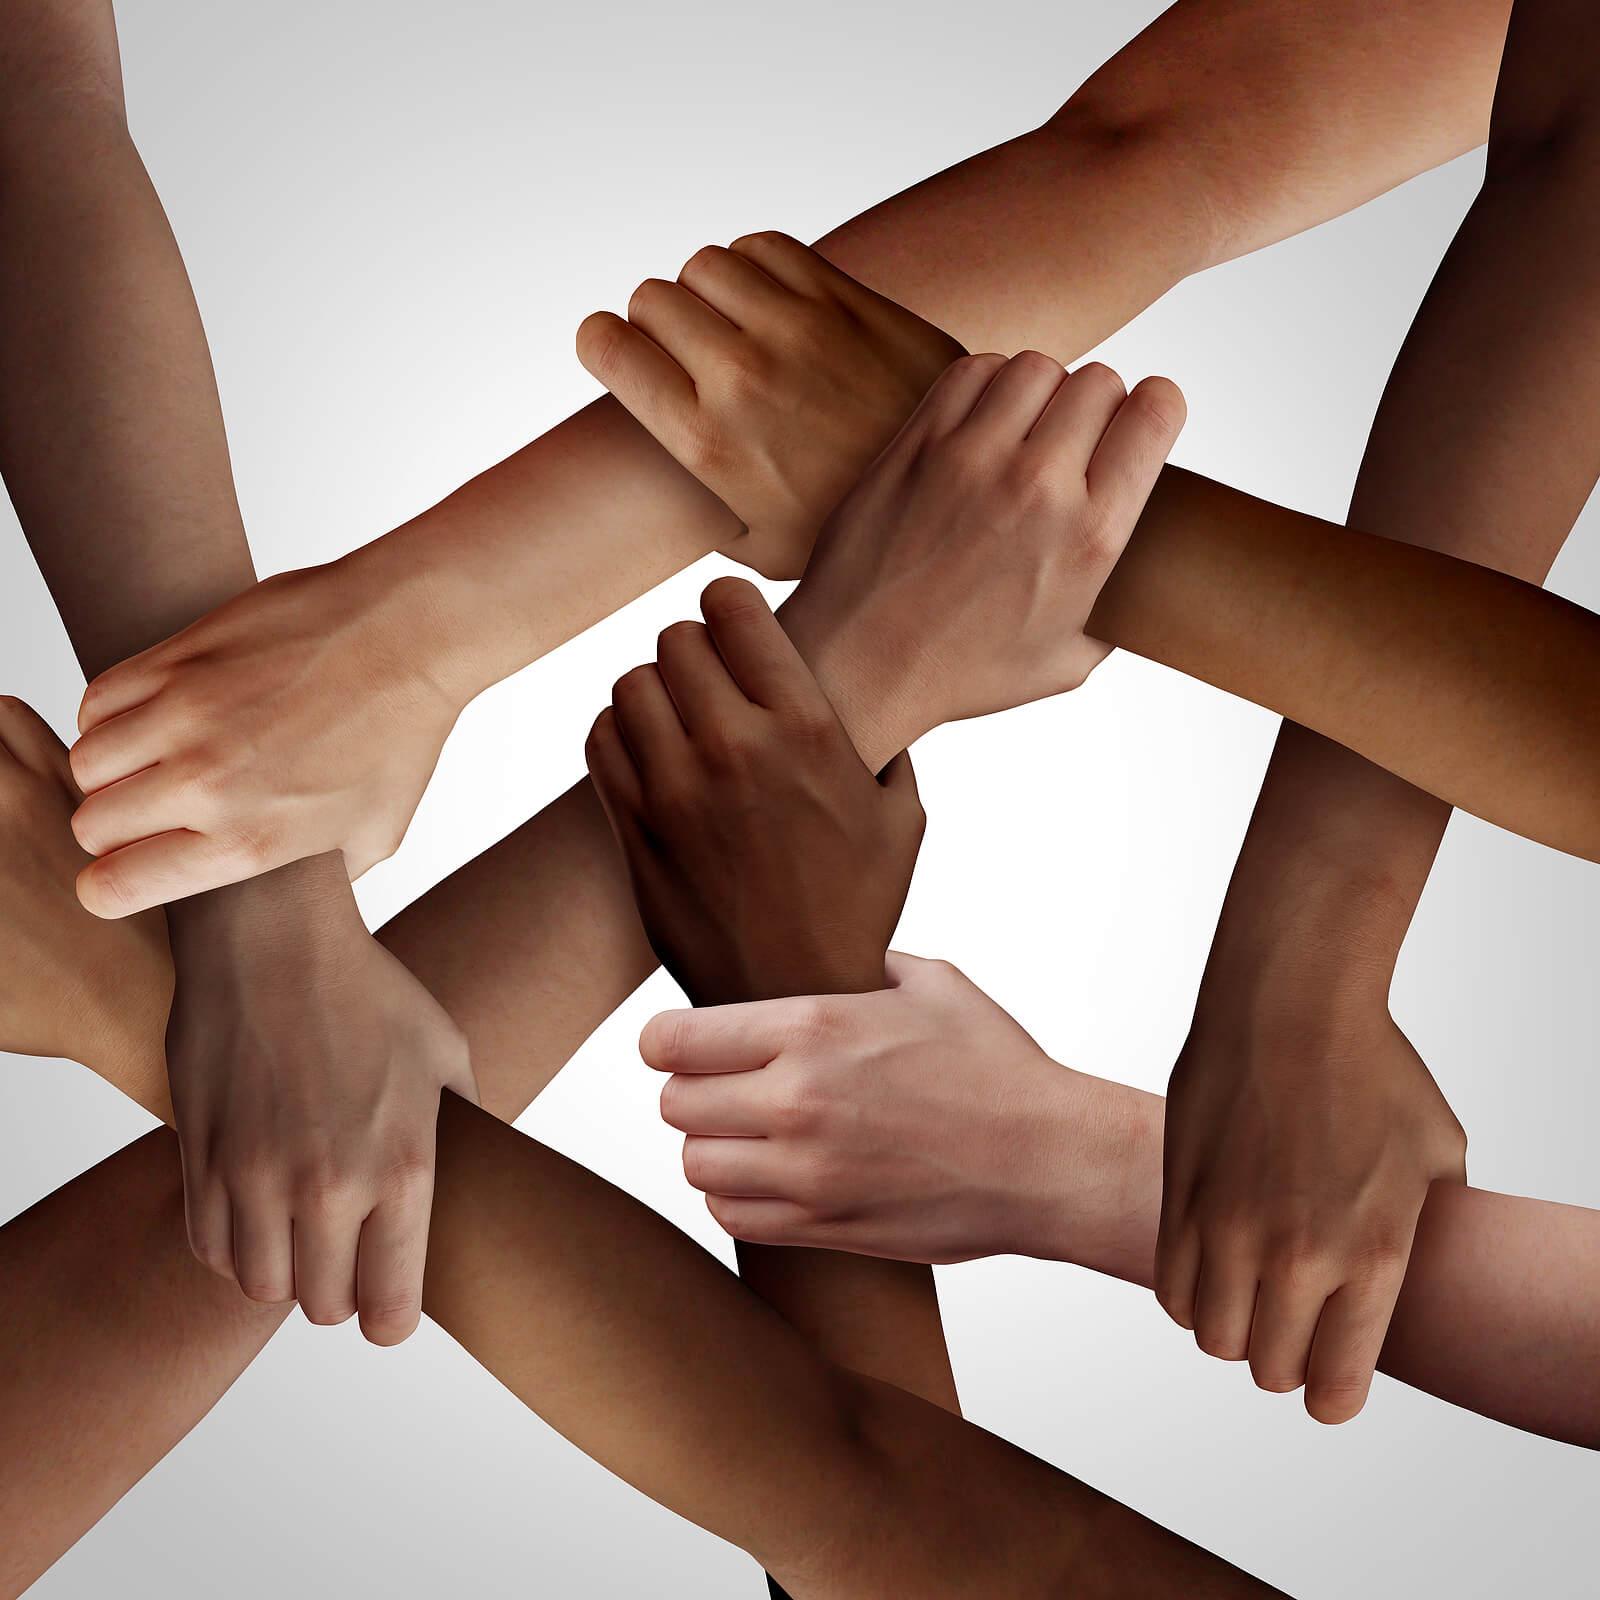 Manos y brazos de diferentes razas entrelazados para representar los derechos humanos.